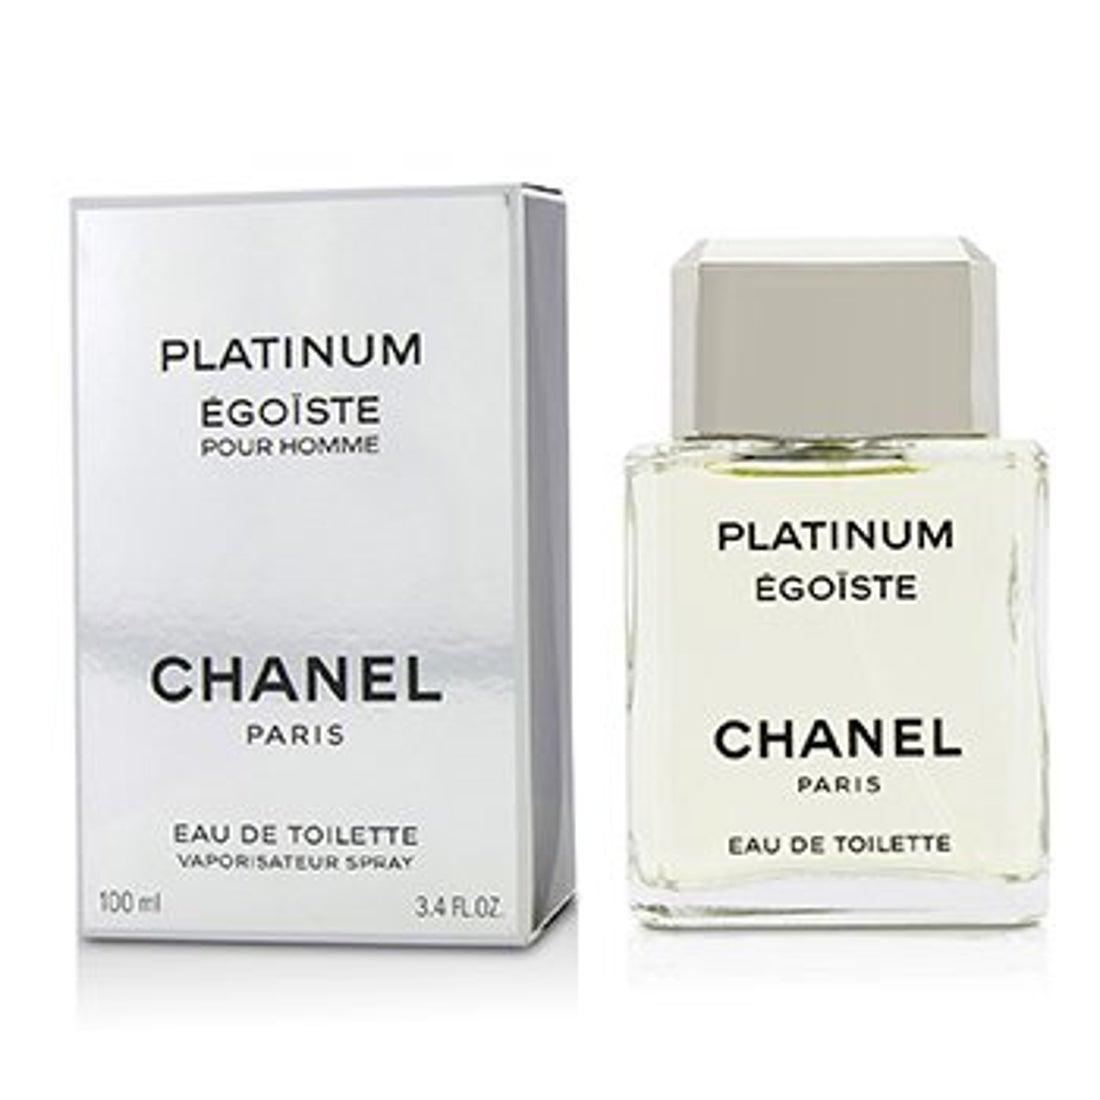 プラチナム シャネル エゴイスト 香水について。シャネルのエゴイストとエゴイストプラチナムは、